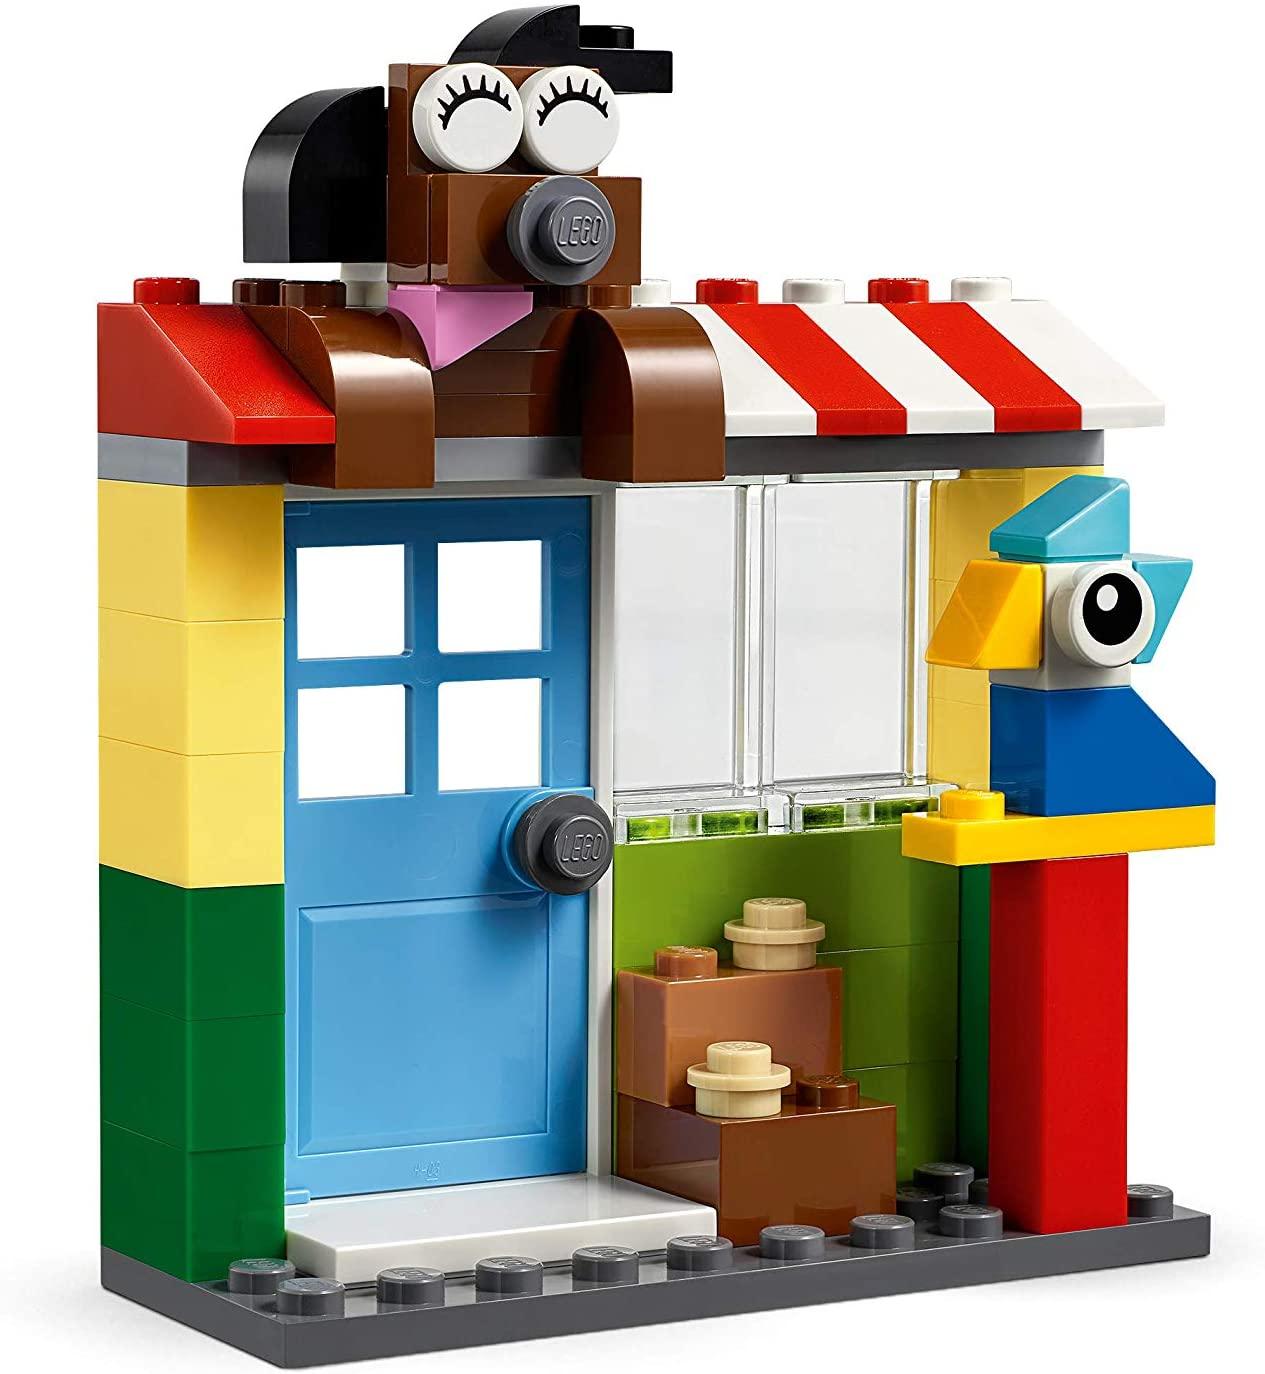 LEGO-Bộ Gạch Classic Kèm Chi Tiết Đặc Biệt-11003